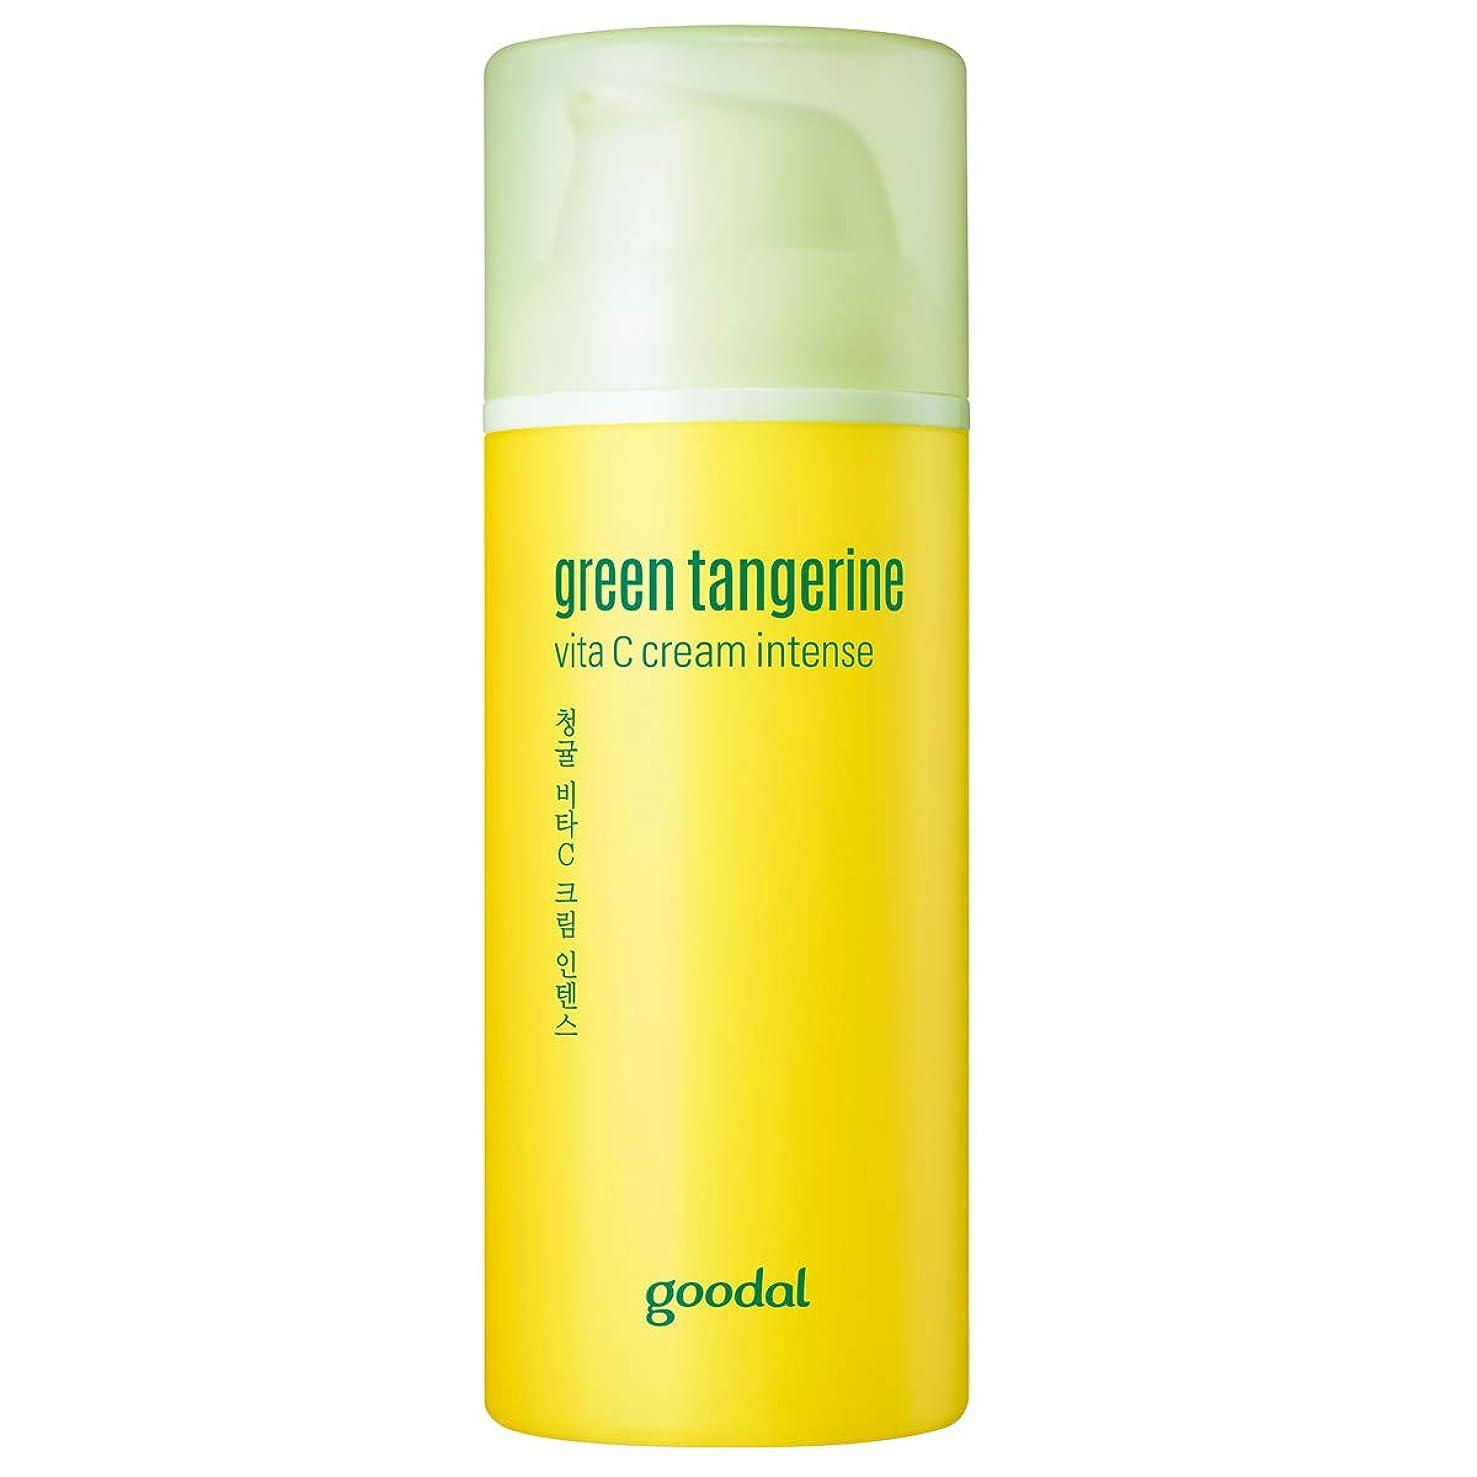 投資通知する演じるGoodal チョンギュルビタCクリームインテンスセットgreen tangeriene vita C cream intense set[並行輸入品]